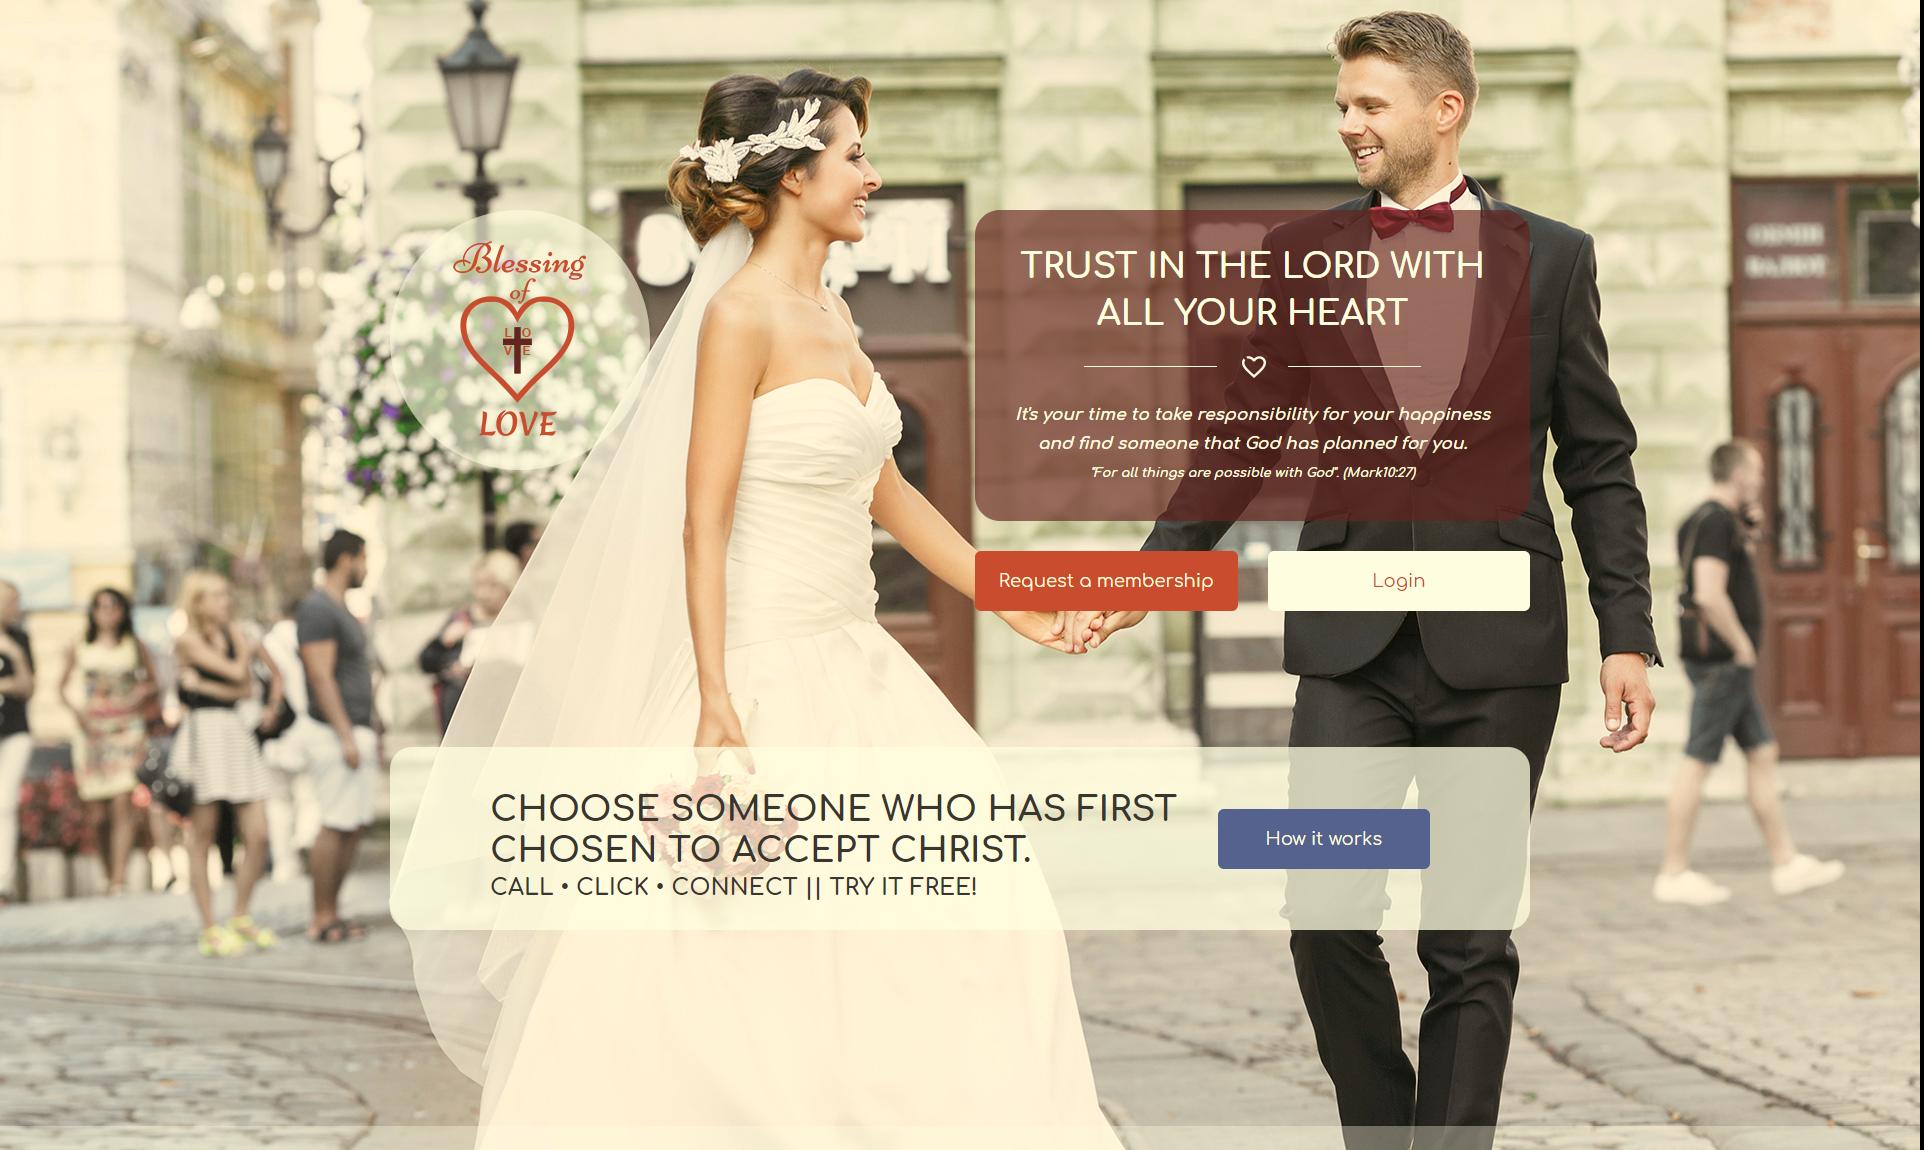 BlessingofLove - сайт знакомств для верующих